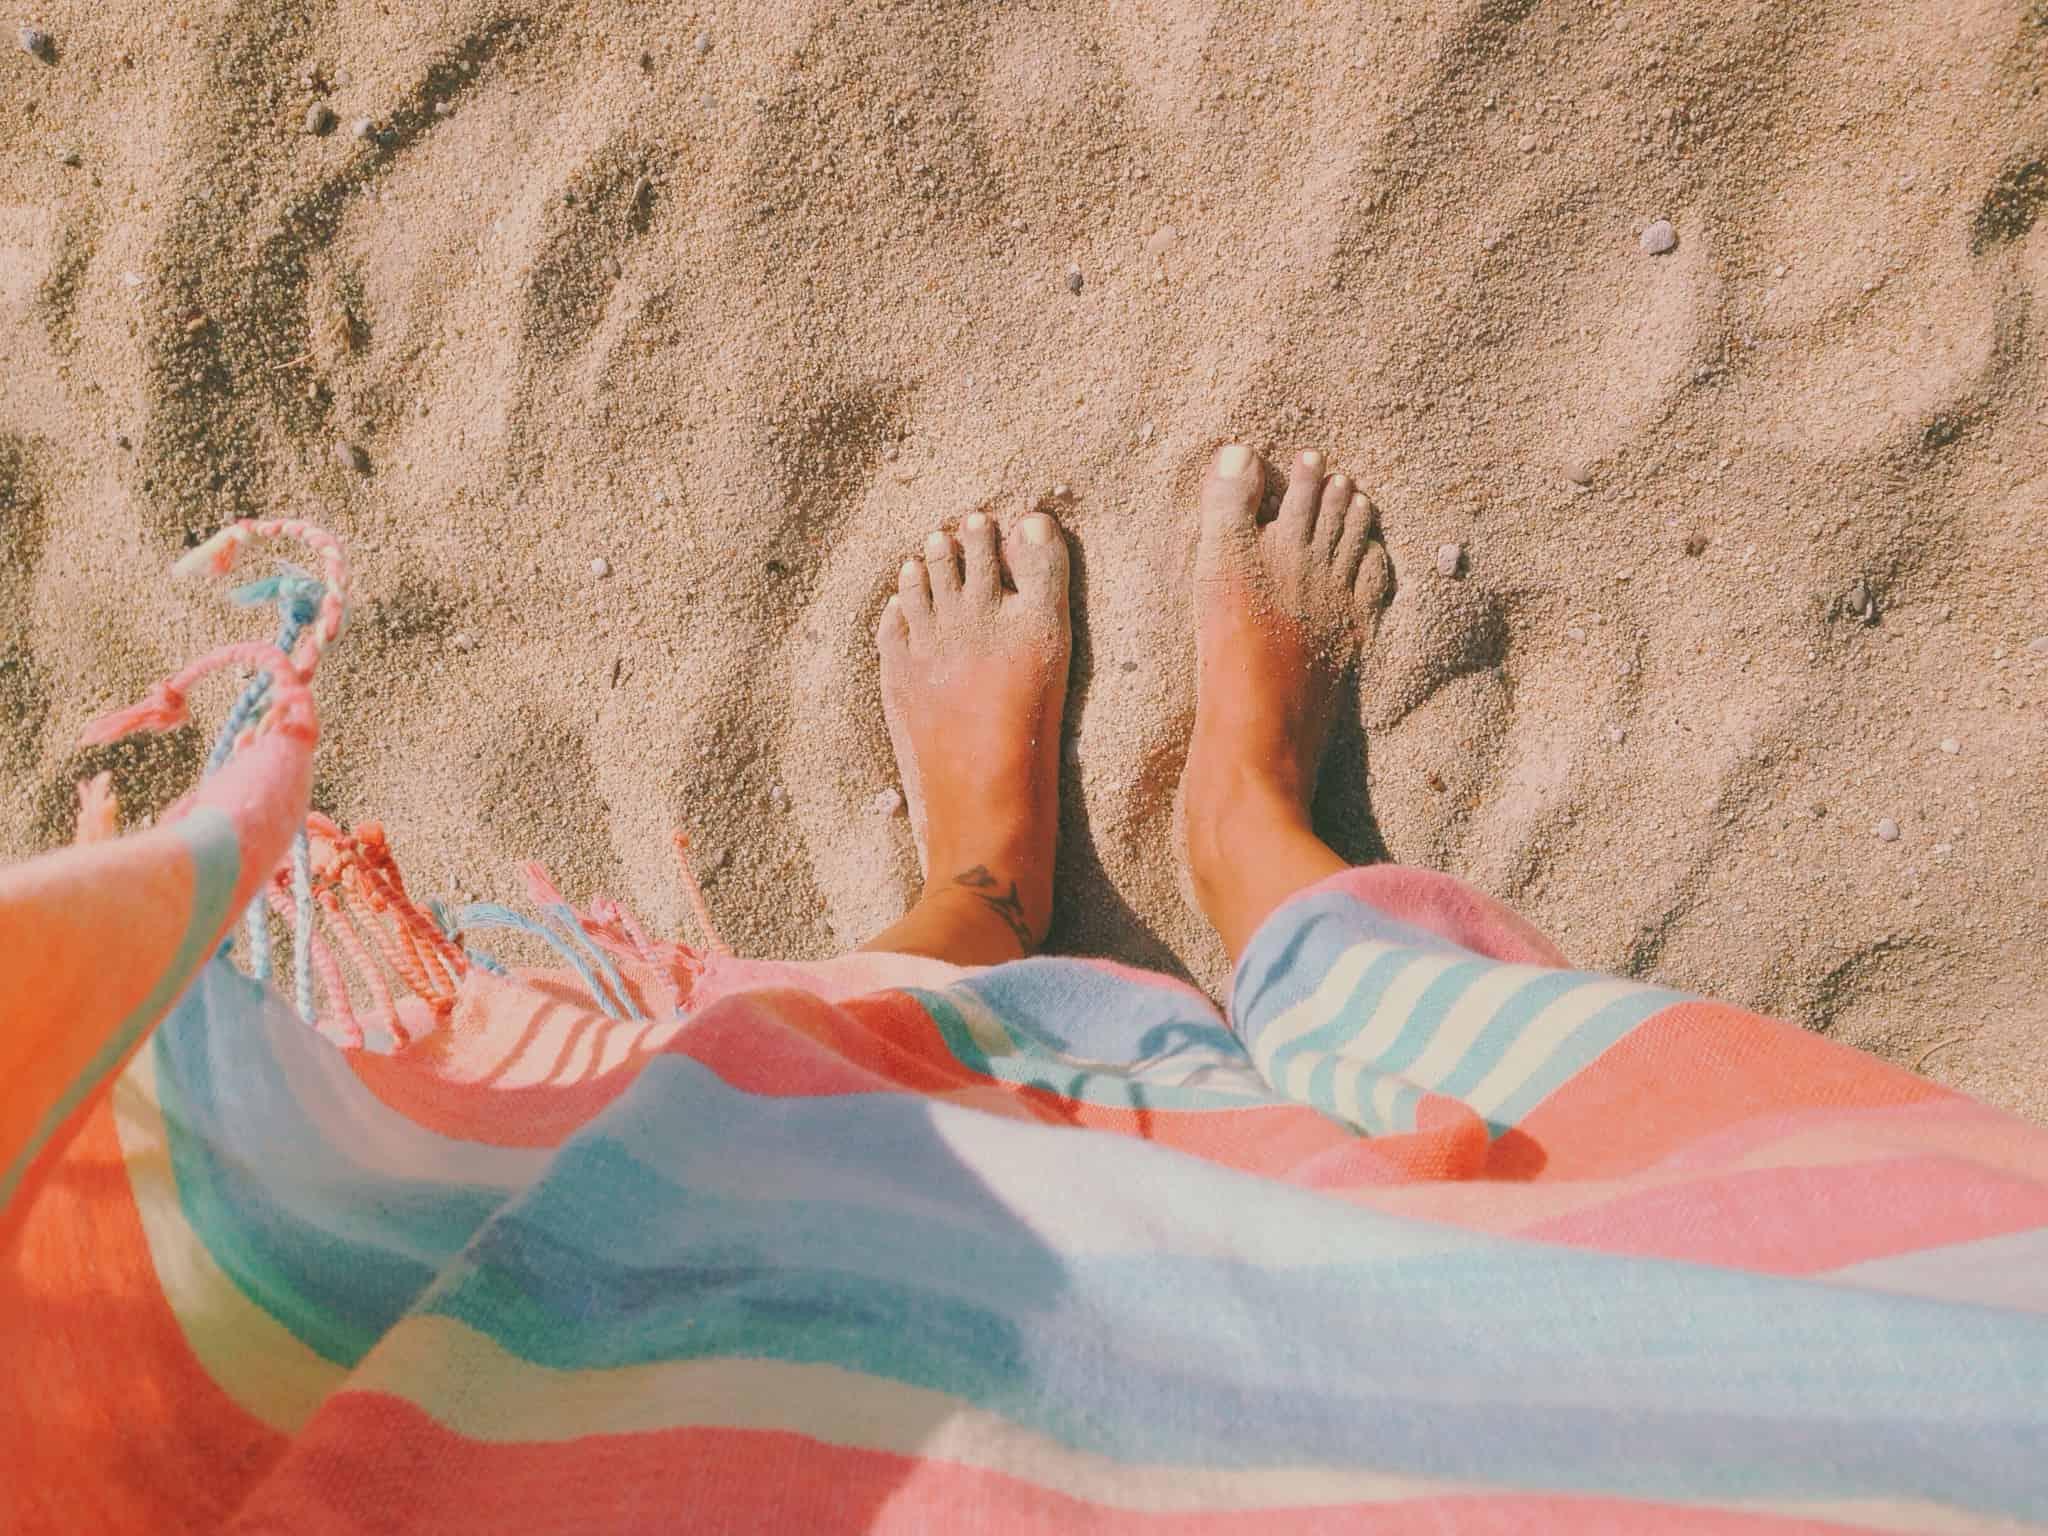 pessoa com os pés na areia da praia